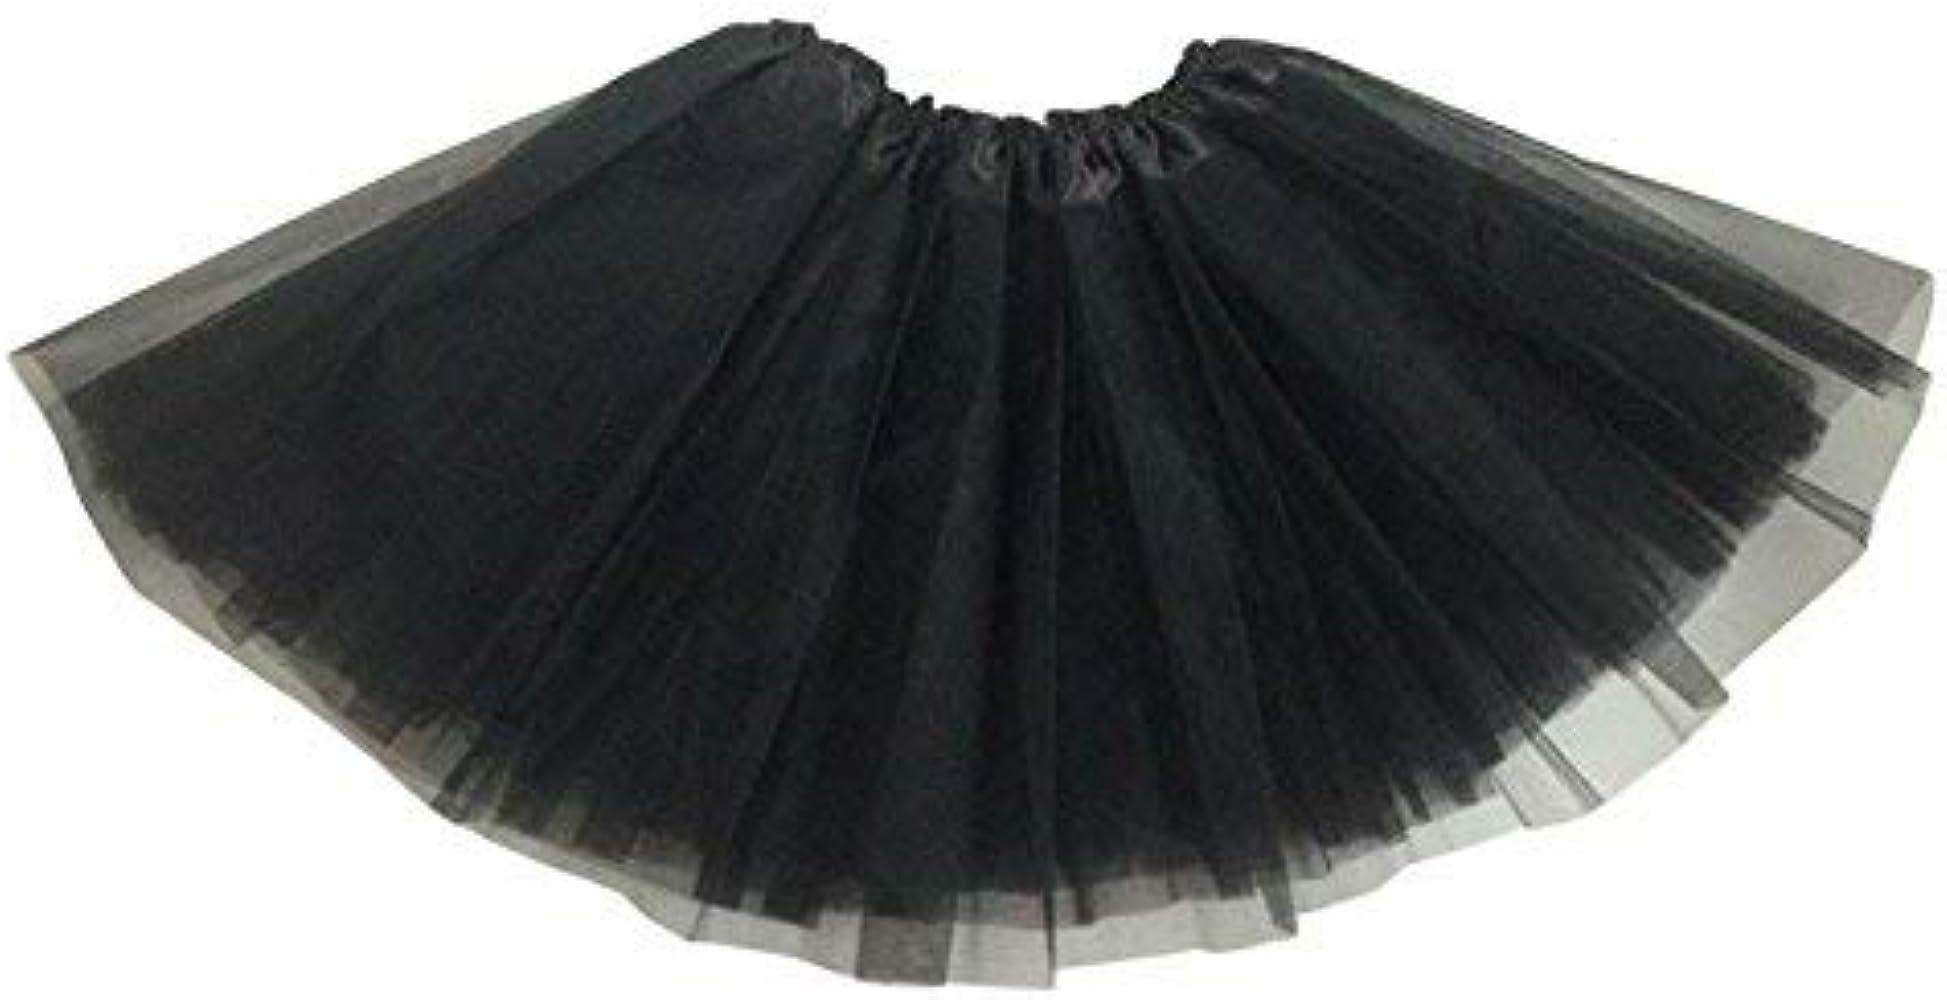 Vestido de Niñas 80s Neón Tutú Falda de Tul Hinchada Enagua Arco ...